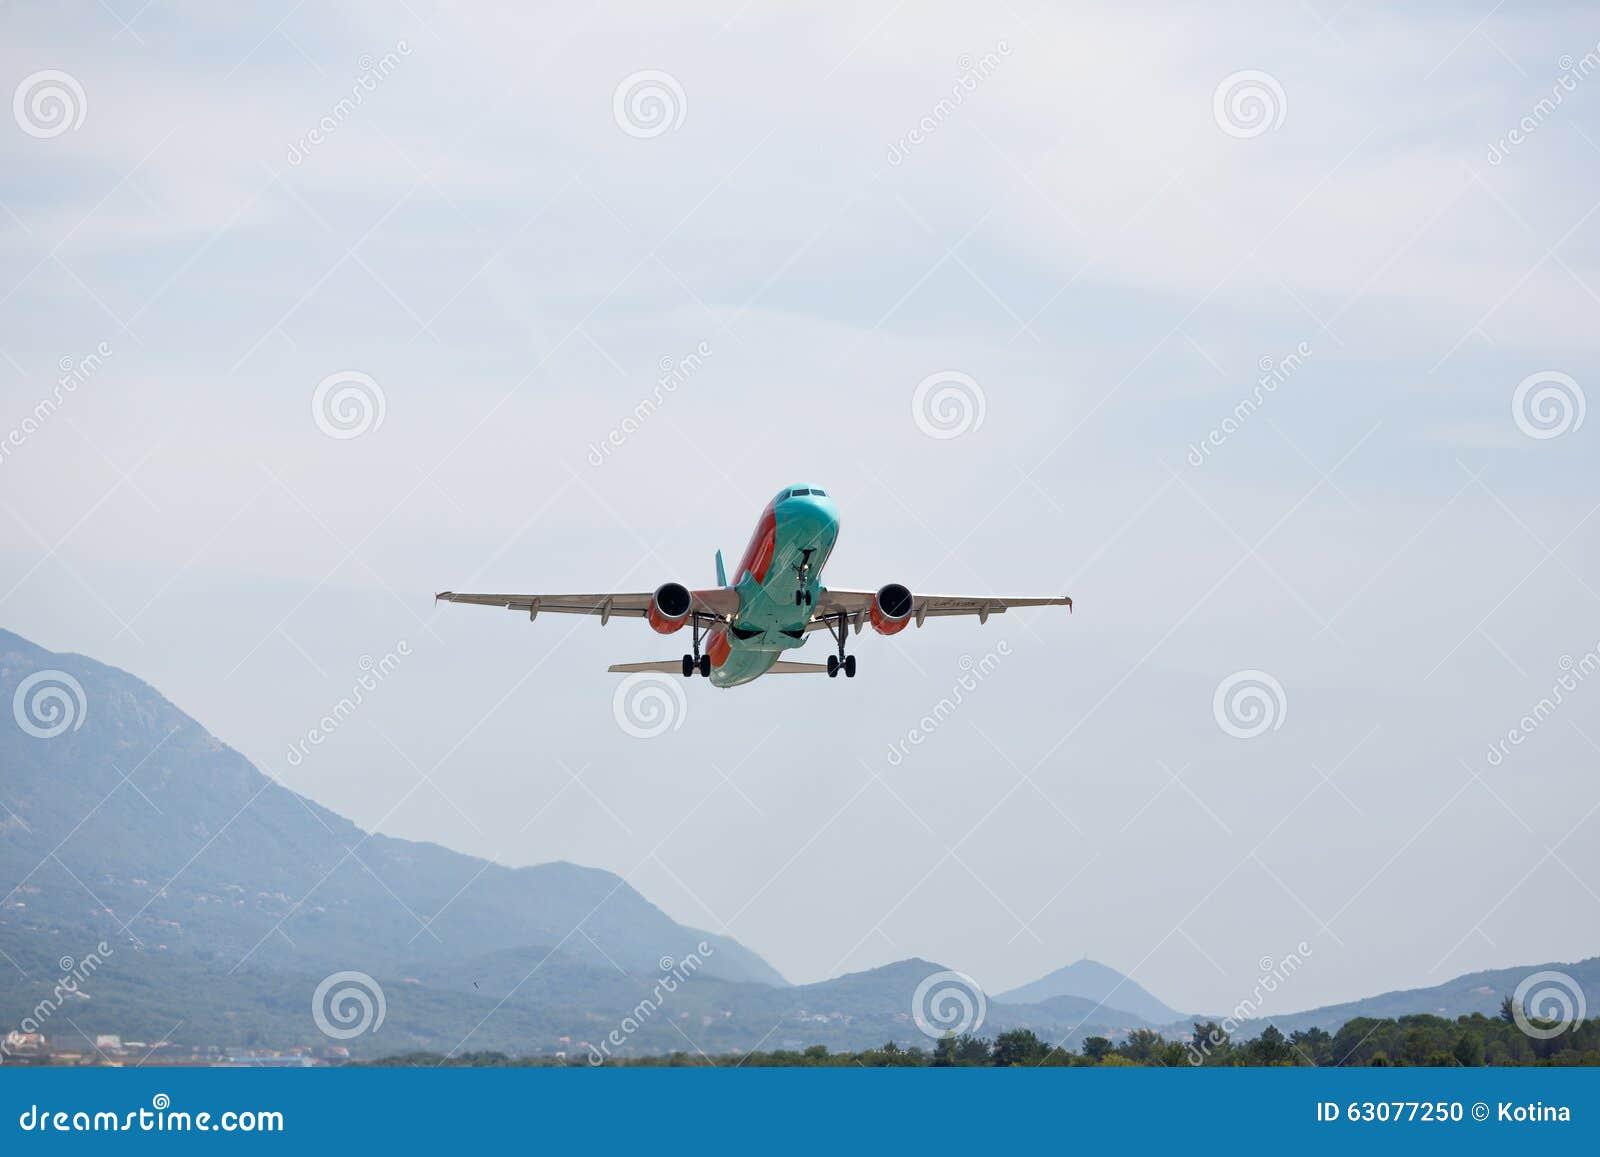 Download Avion Blanc Décollant Avec Des Nuages Dans Le Ciel Bleu Image éditorial - Image du déviation, avion: 63077250